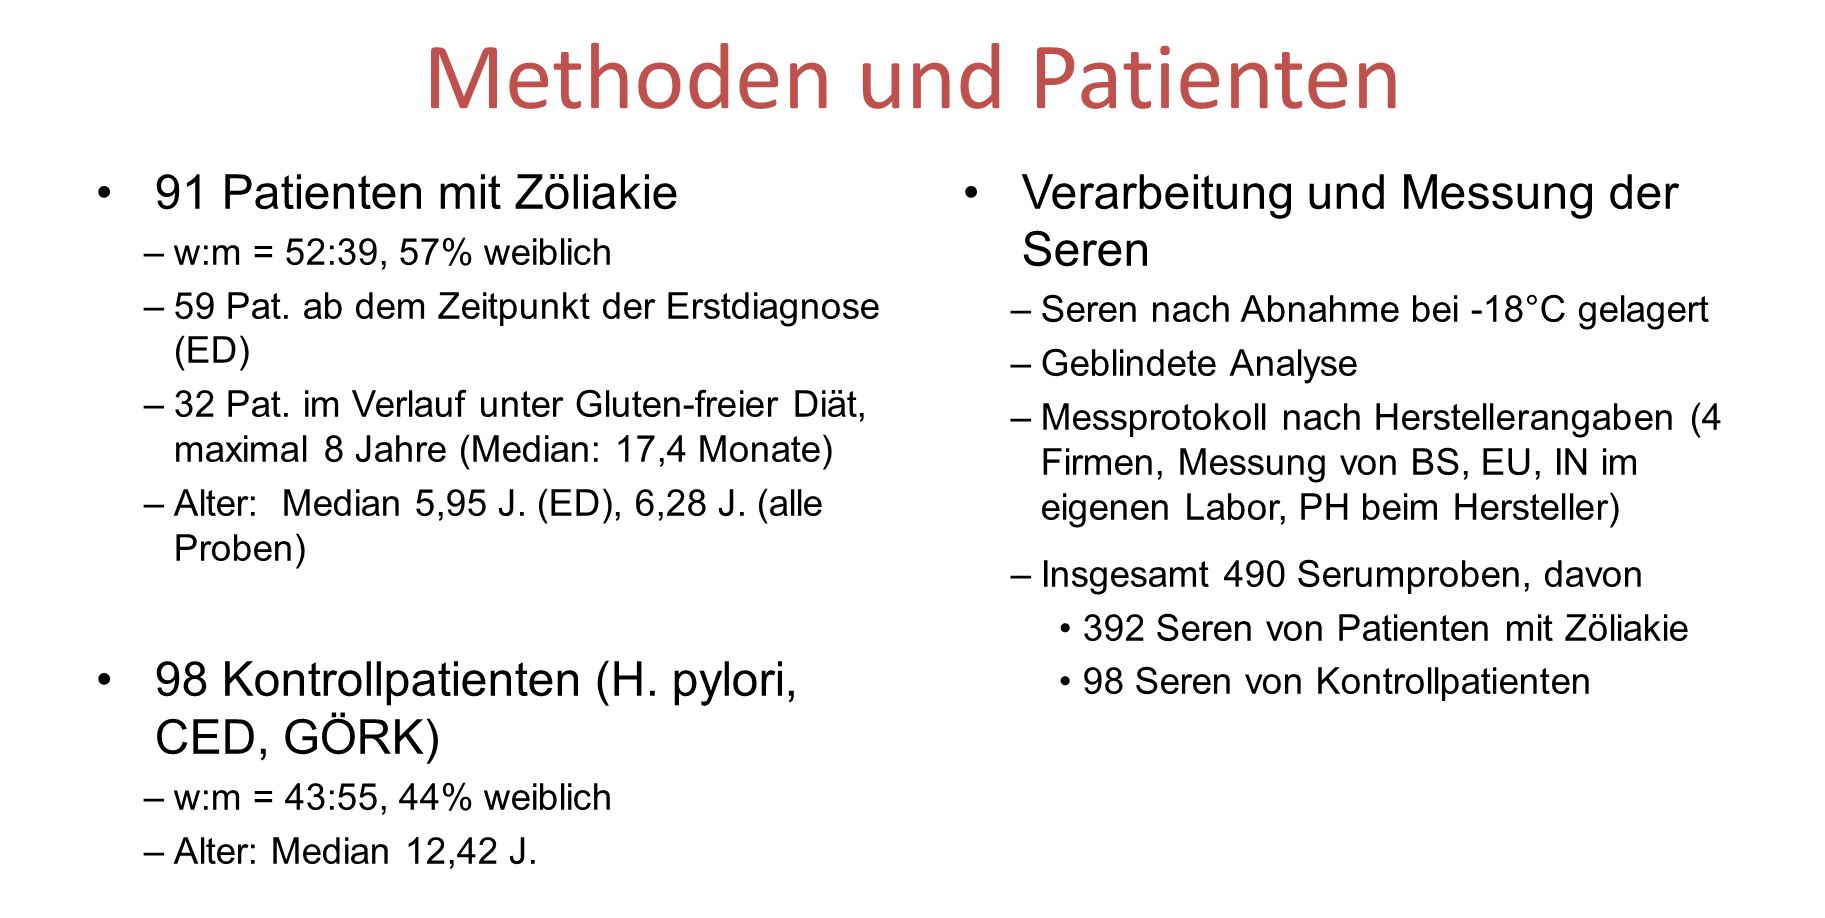 Methoden und Patienten